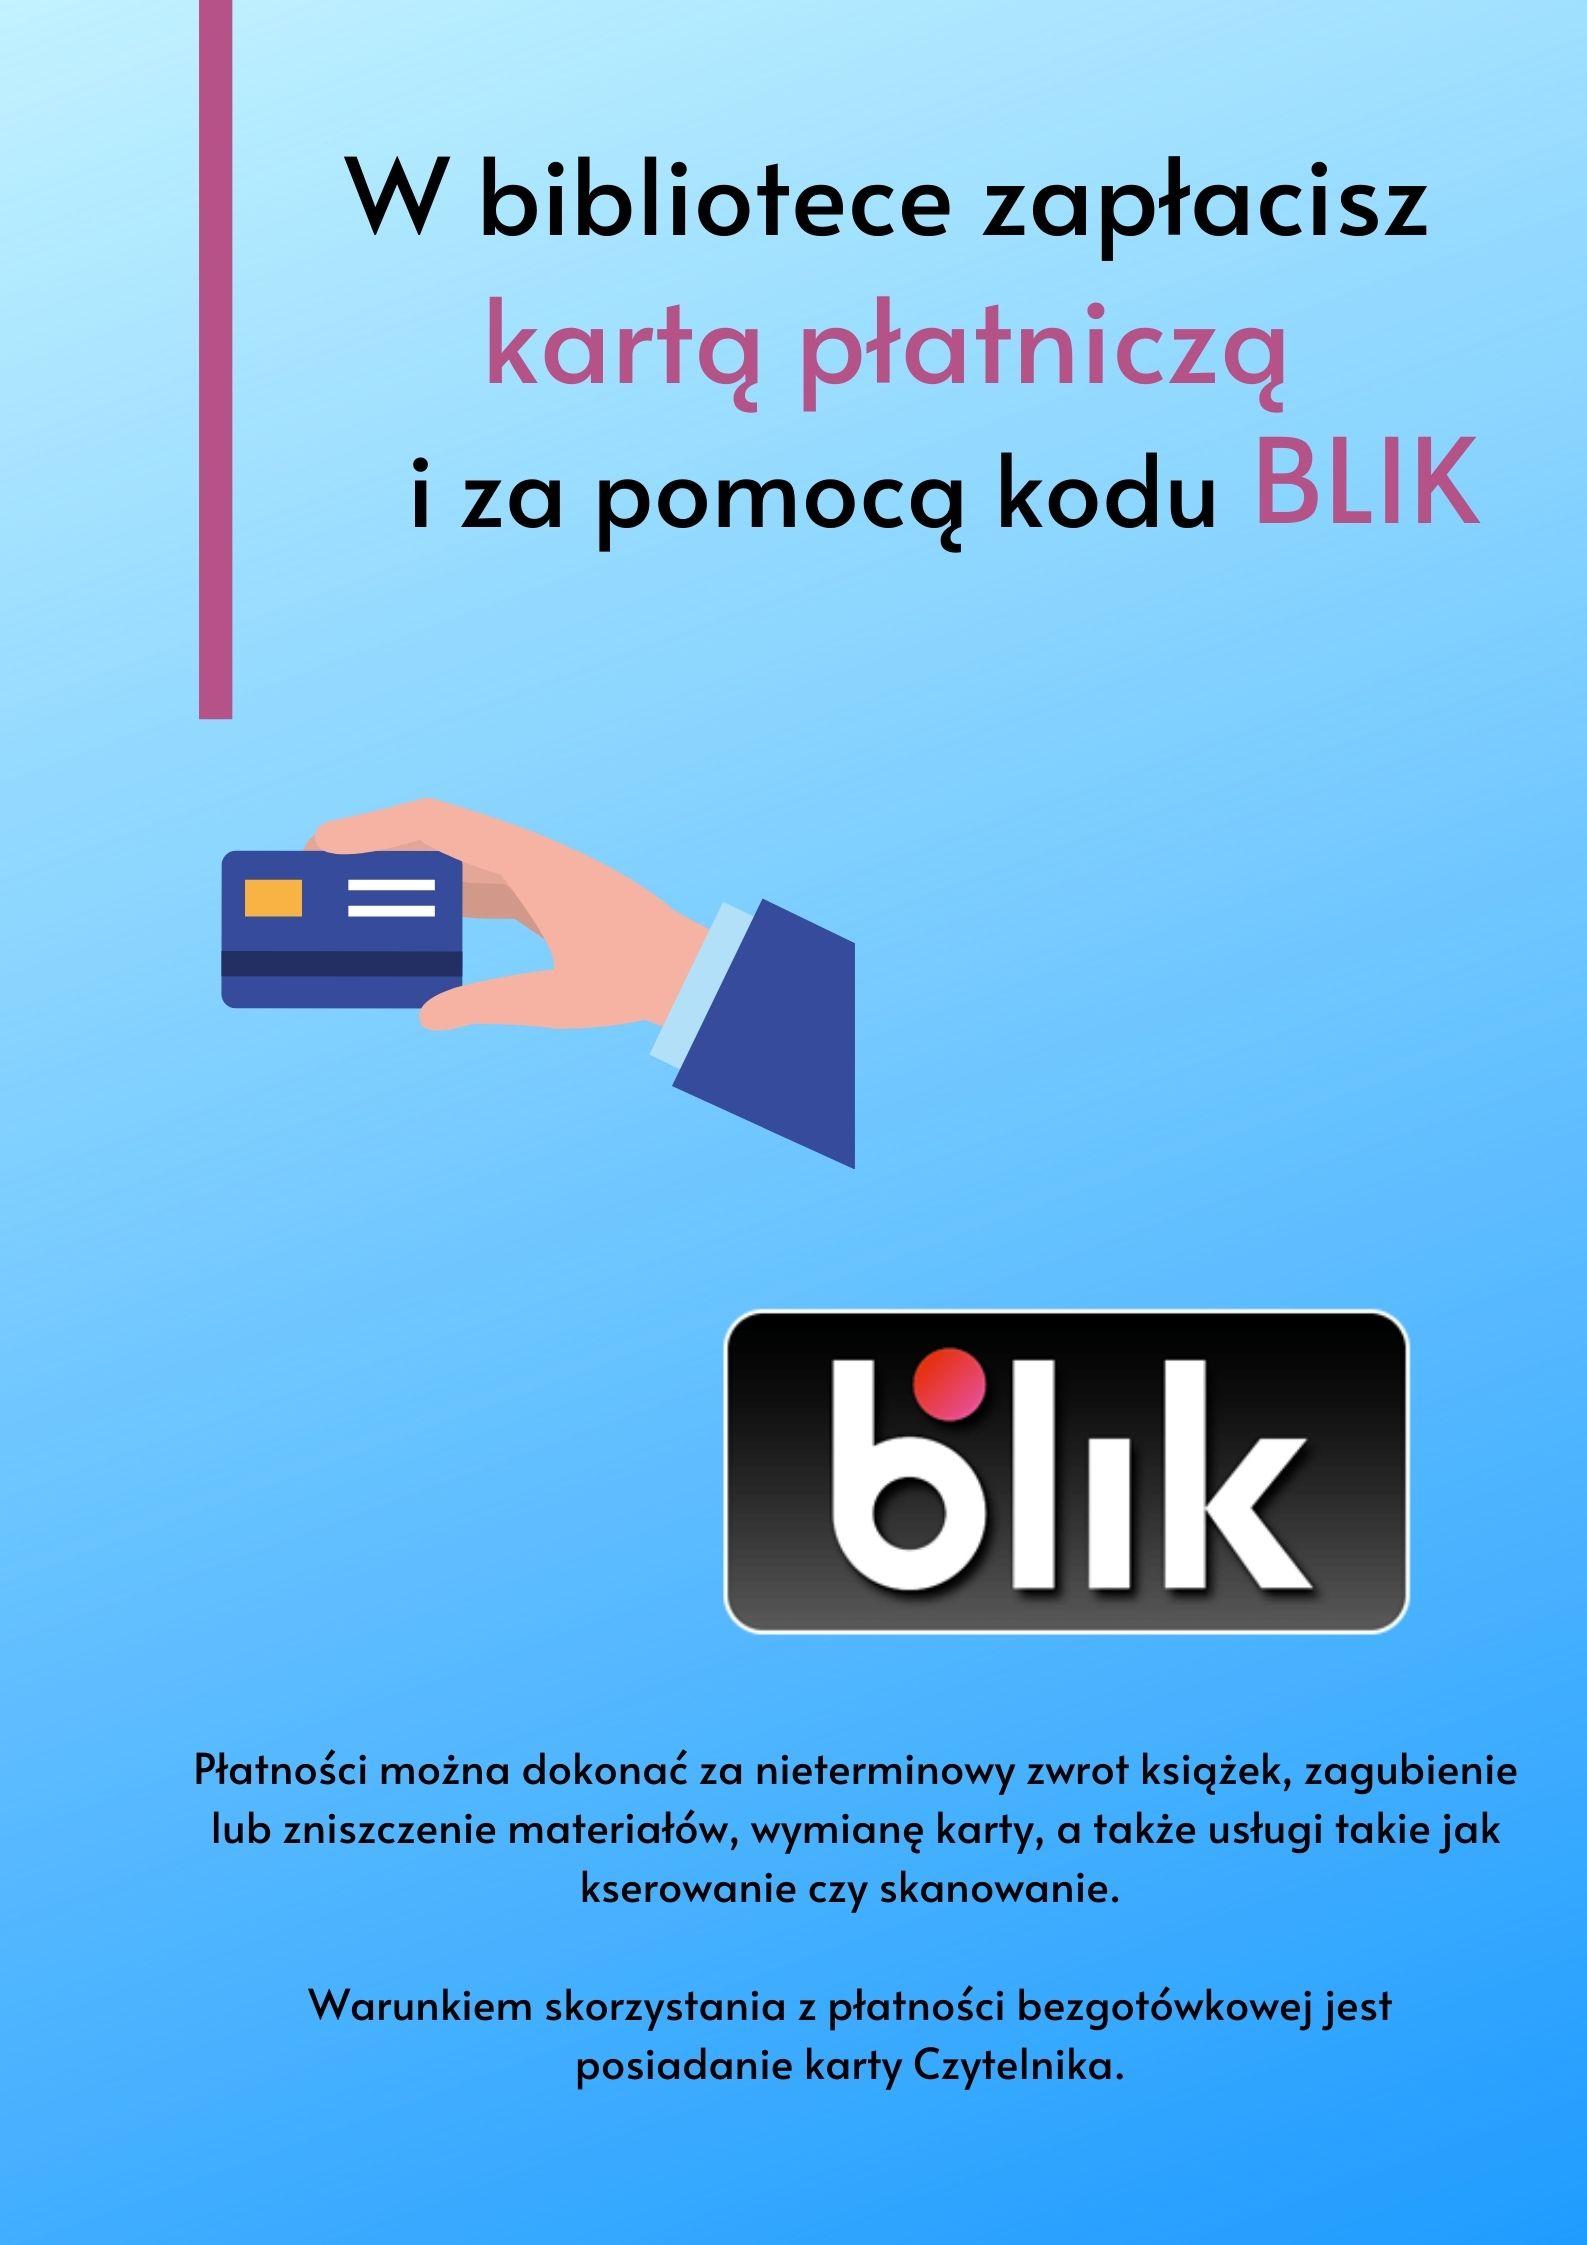 W bibliotece zapłacisz kartą płatniczą i za pomocą kodu BLIK